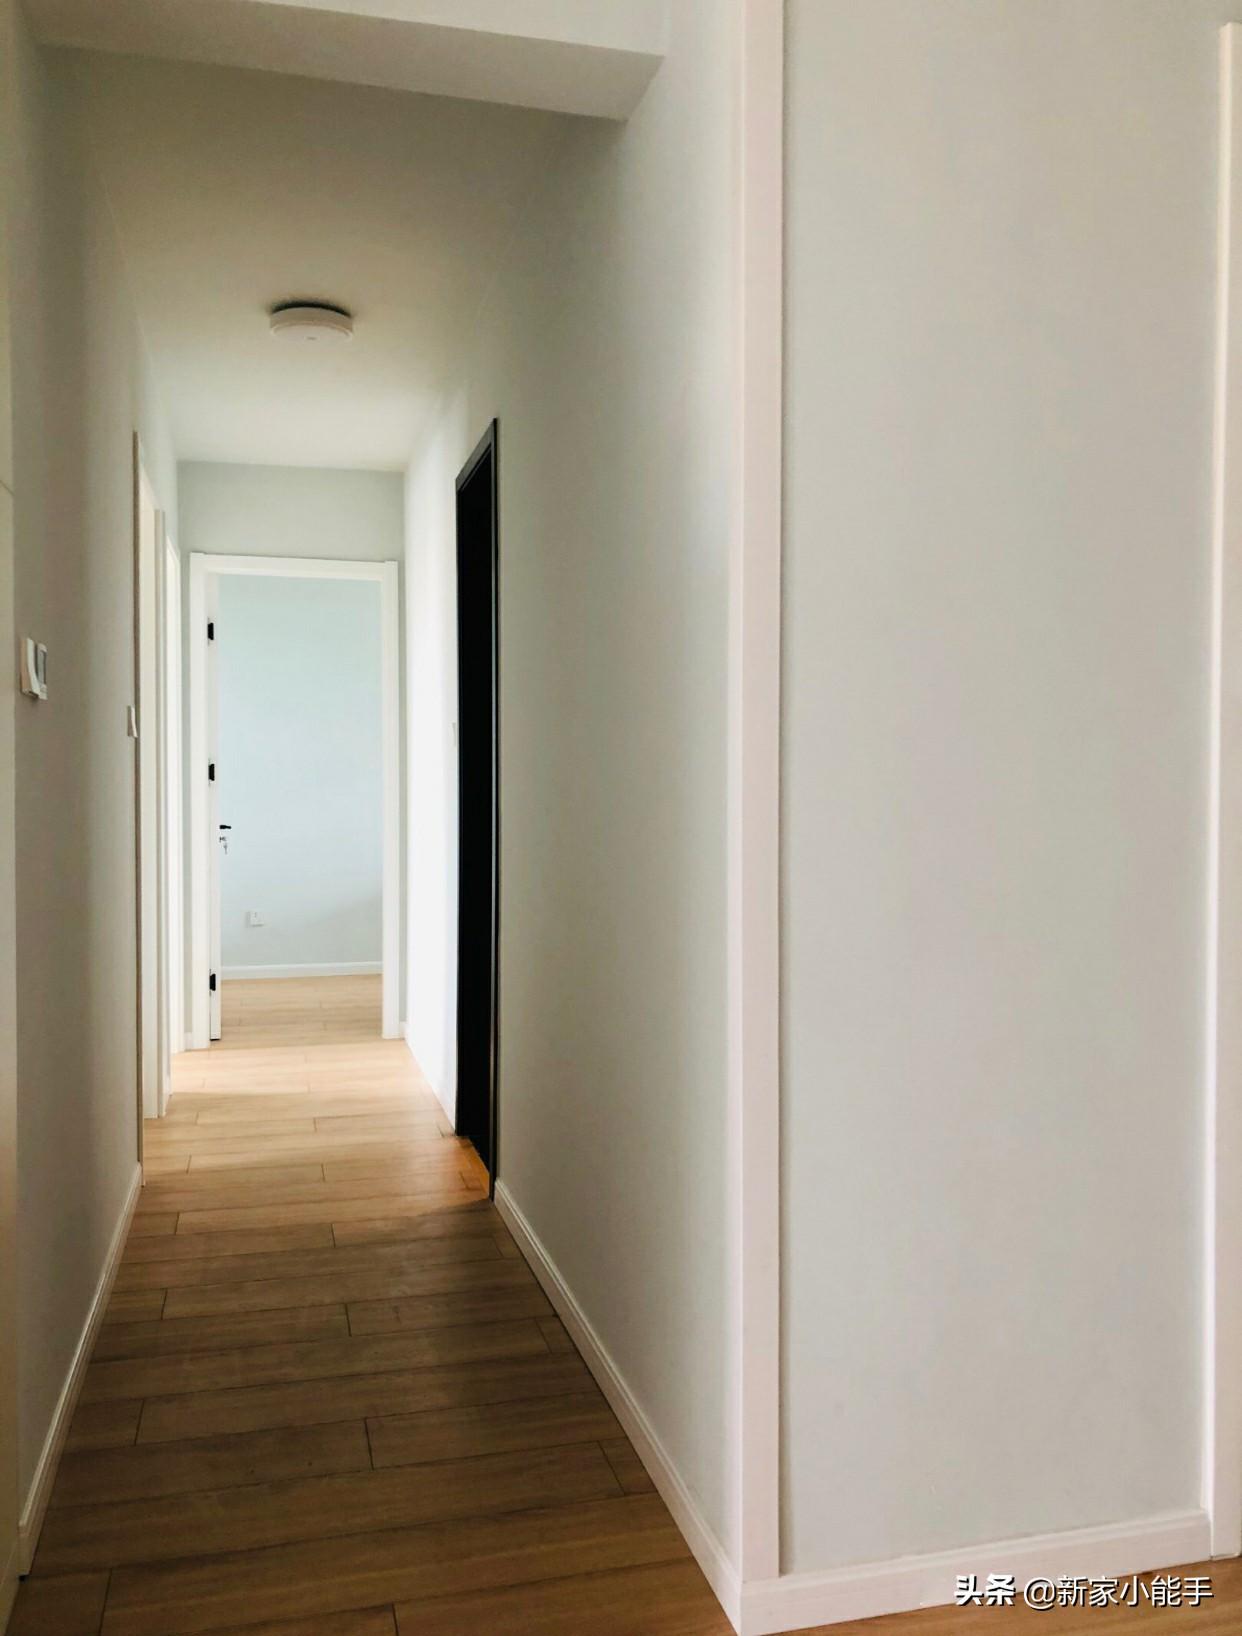 75平新房,全屋布置智能家居很有科技感,电视墙打满柜子很实用